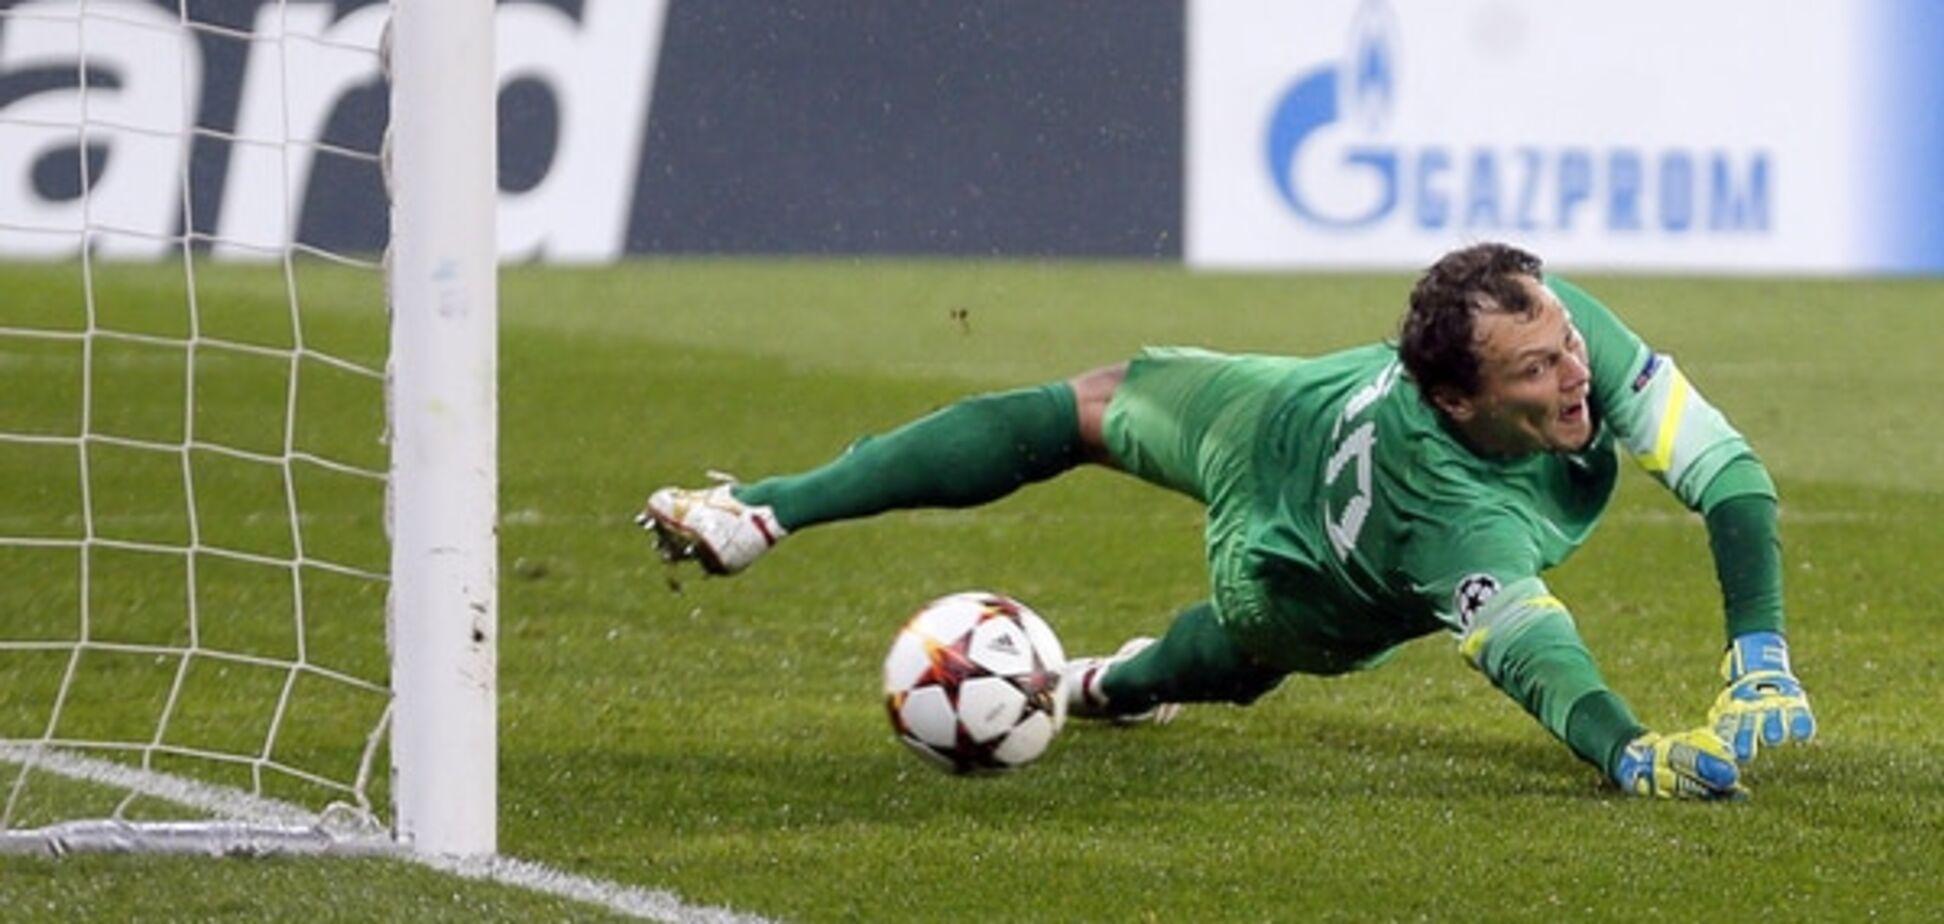 Сейв дня: П'ятов розкішно відбив пенальті у матчі Ліги чемпіонів